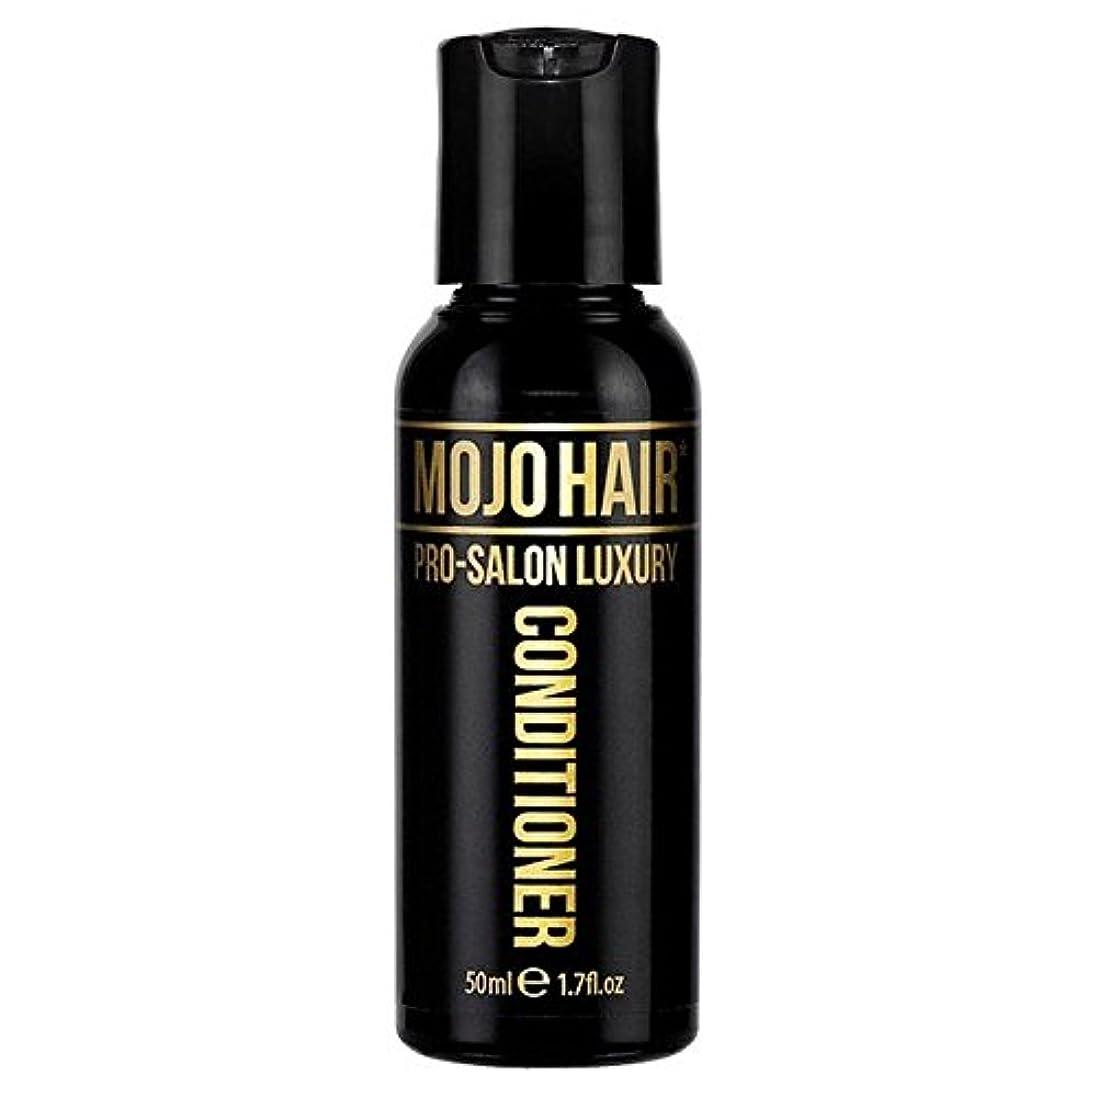 疑い者代表する数学男性のためのモジョの毛プロのサロンの贅沢な香りコンディショナー、トラベルサイズの50ミリリットル x2 - MOJO HAIR Pro-Salon Luxury Fragrance Conditioner for Men...